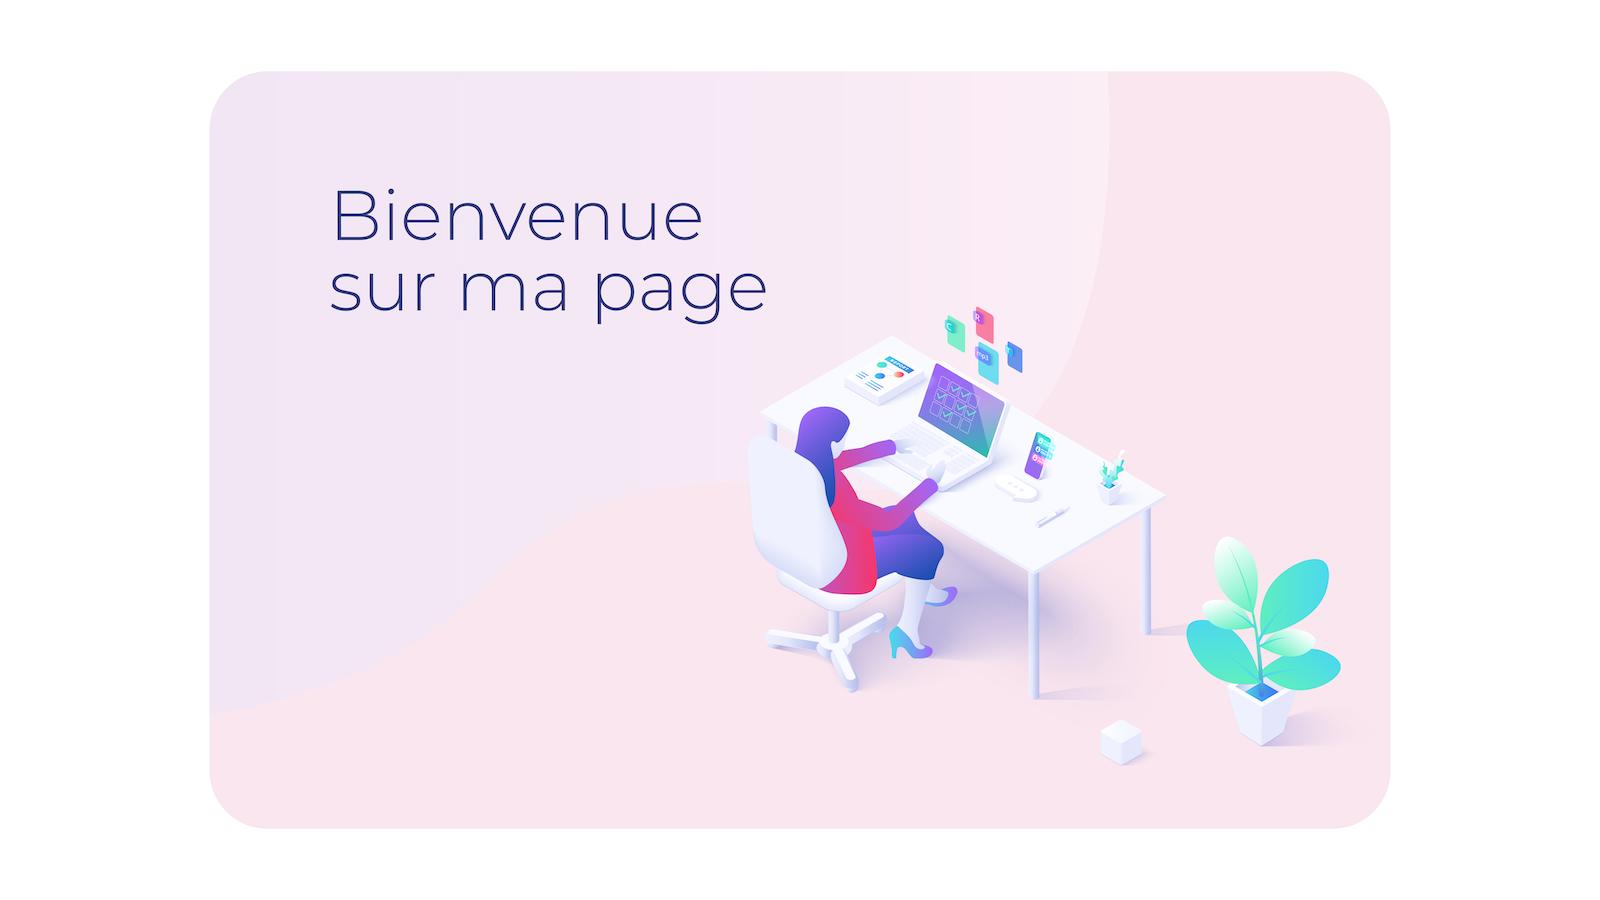 Capture d'écran d'une page web qui utilise des couleurs pastel. Le texte est bleu marine sur rose et les couleurs n'impactent pas négativement la lisibilité du contenu.